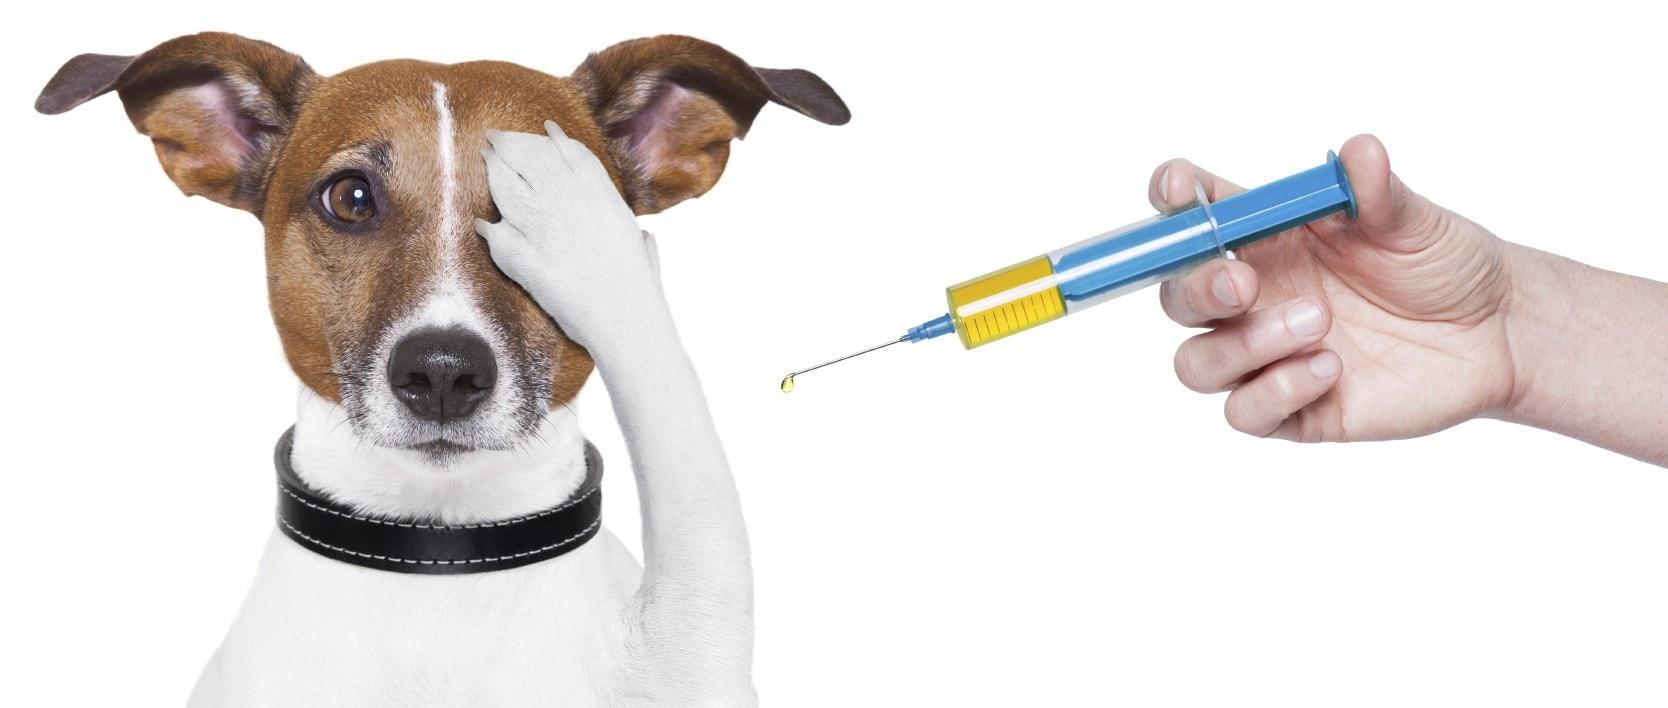 חיסון לכלב – חיסון משושה לכלבים